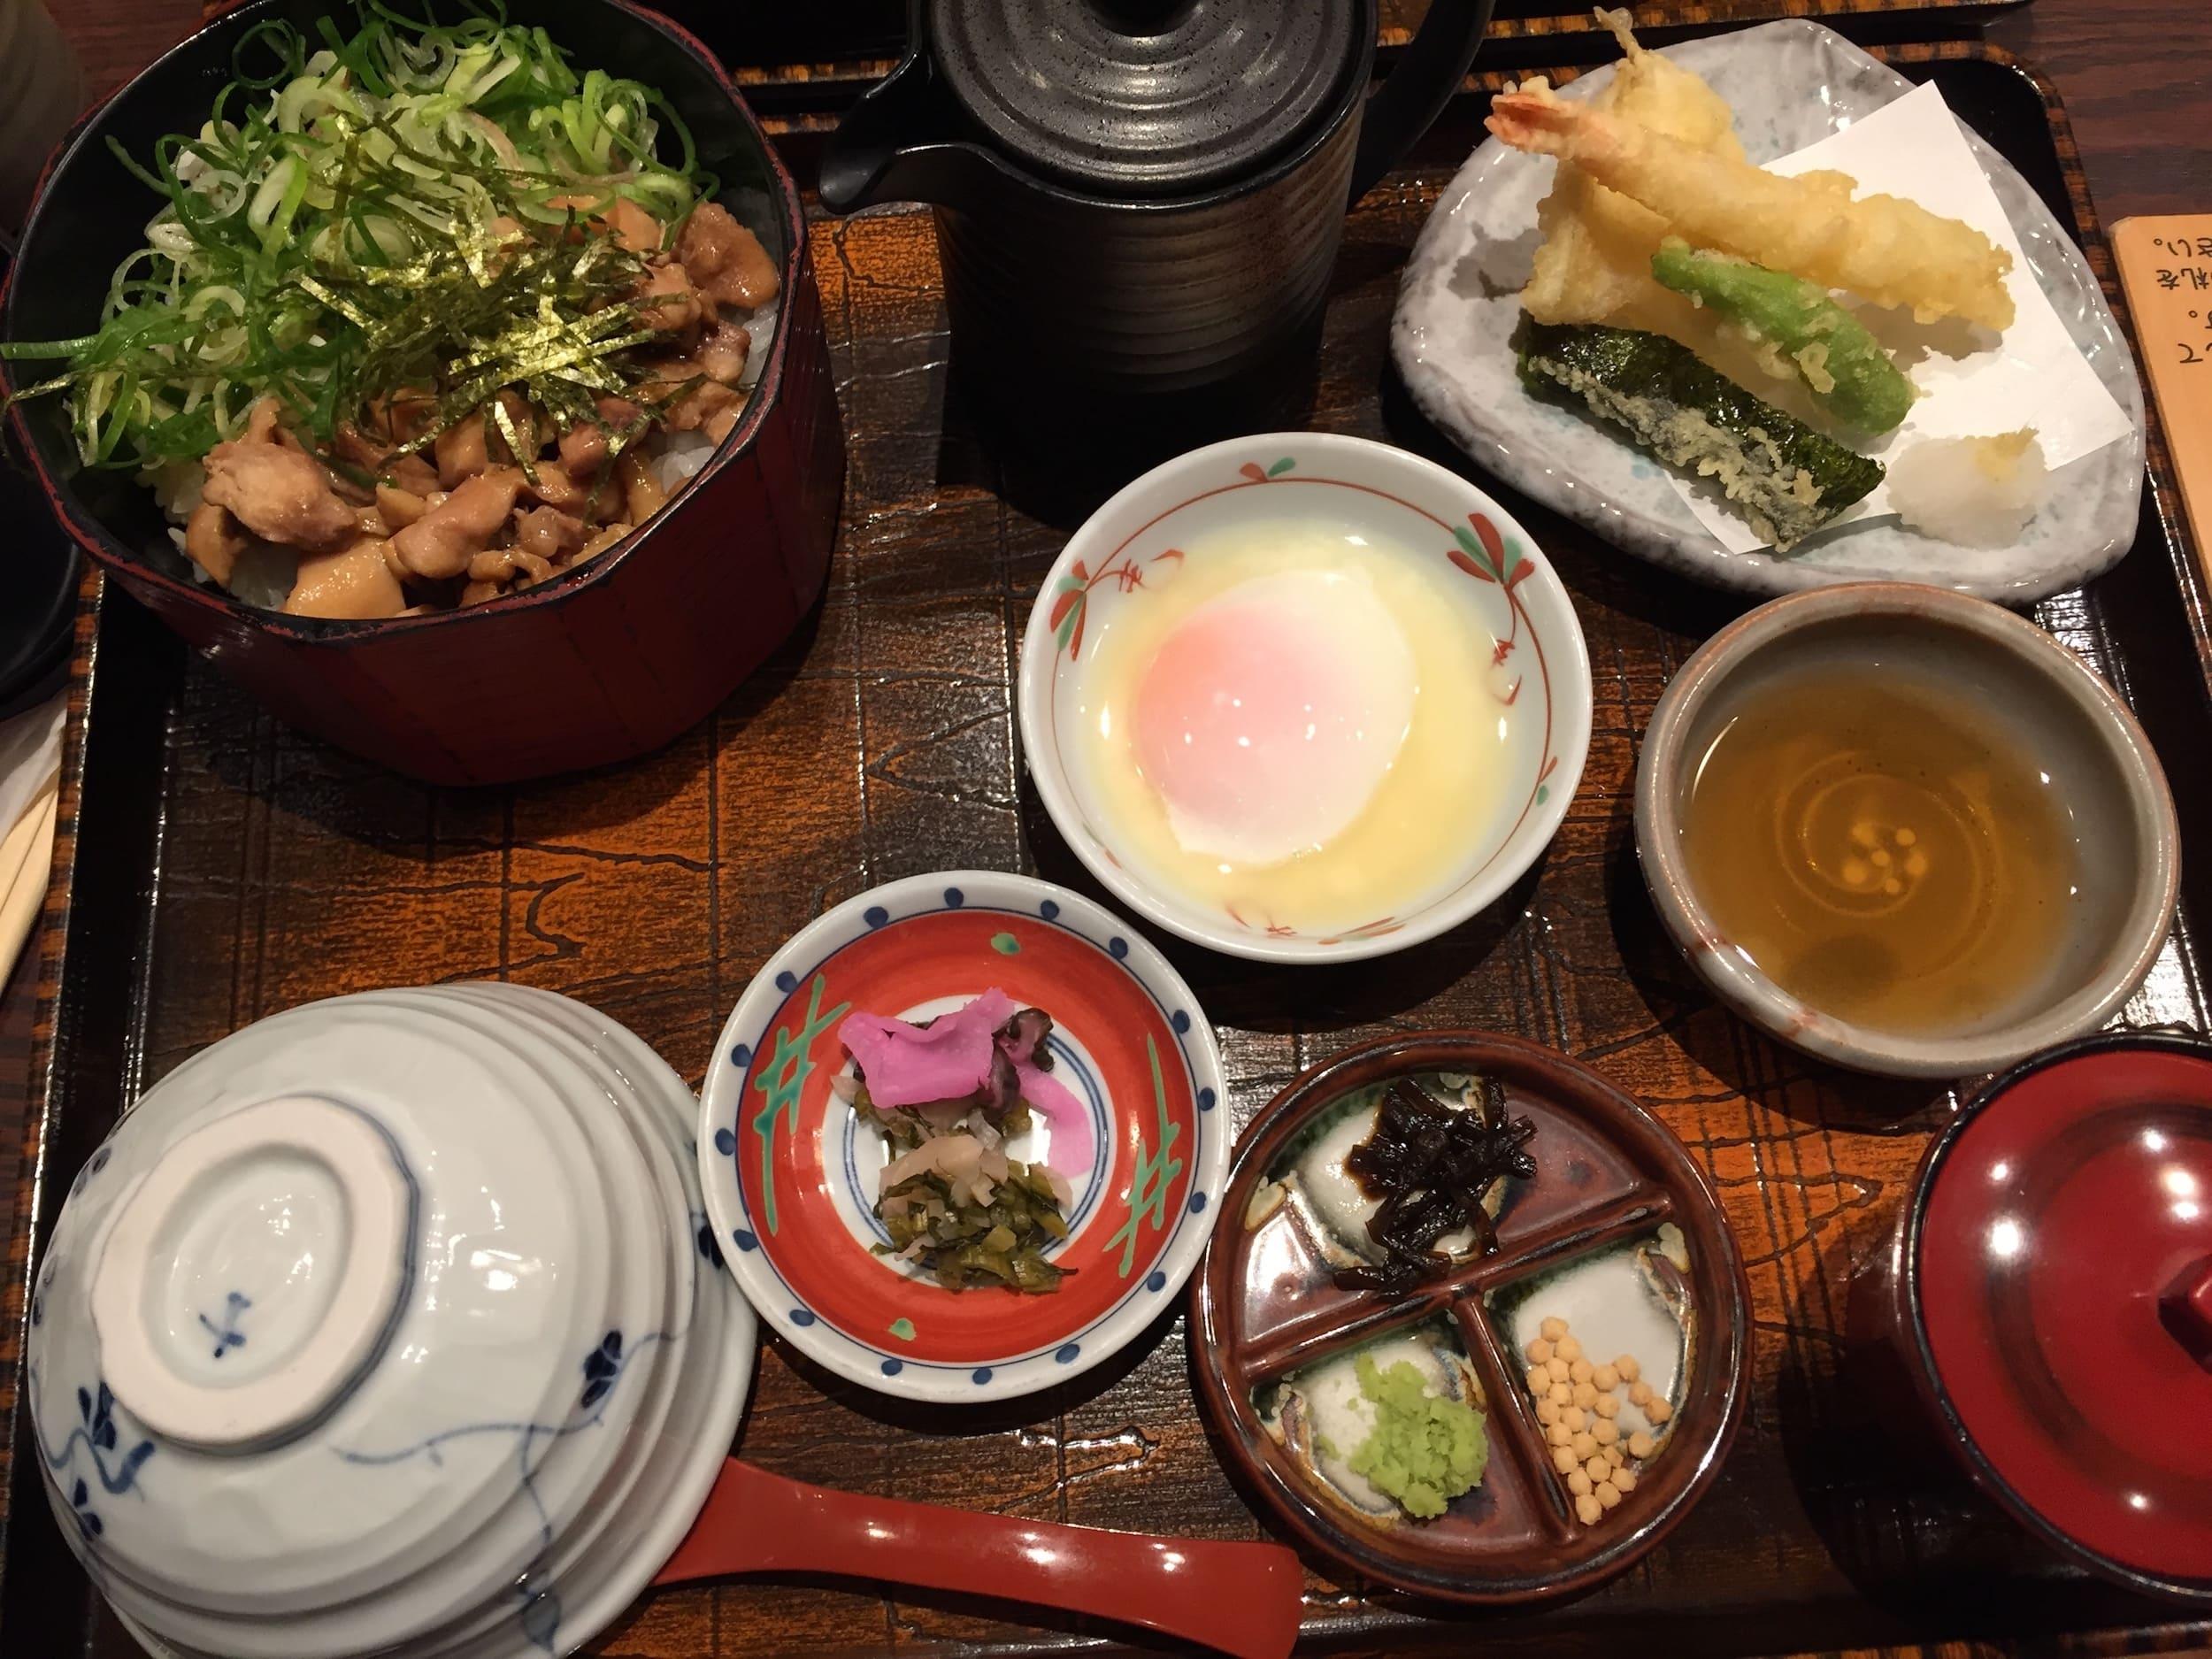 Qué Comer En Japón Comida Típica Japonesa 13 Platos